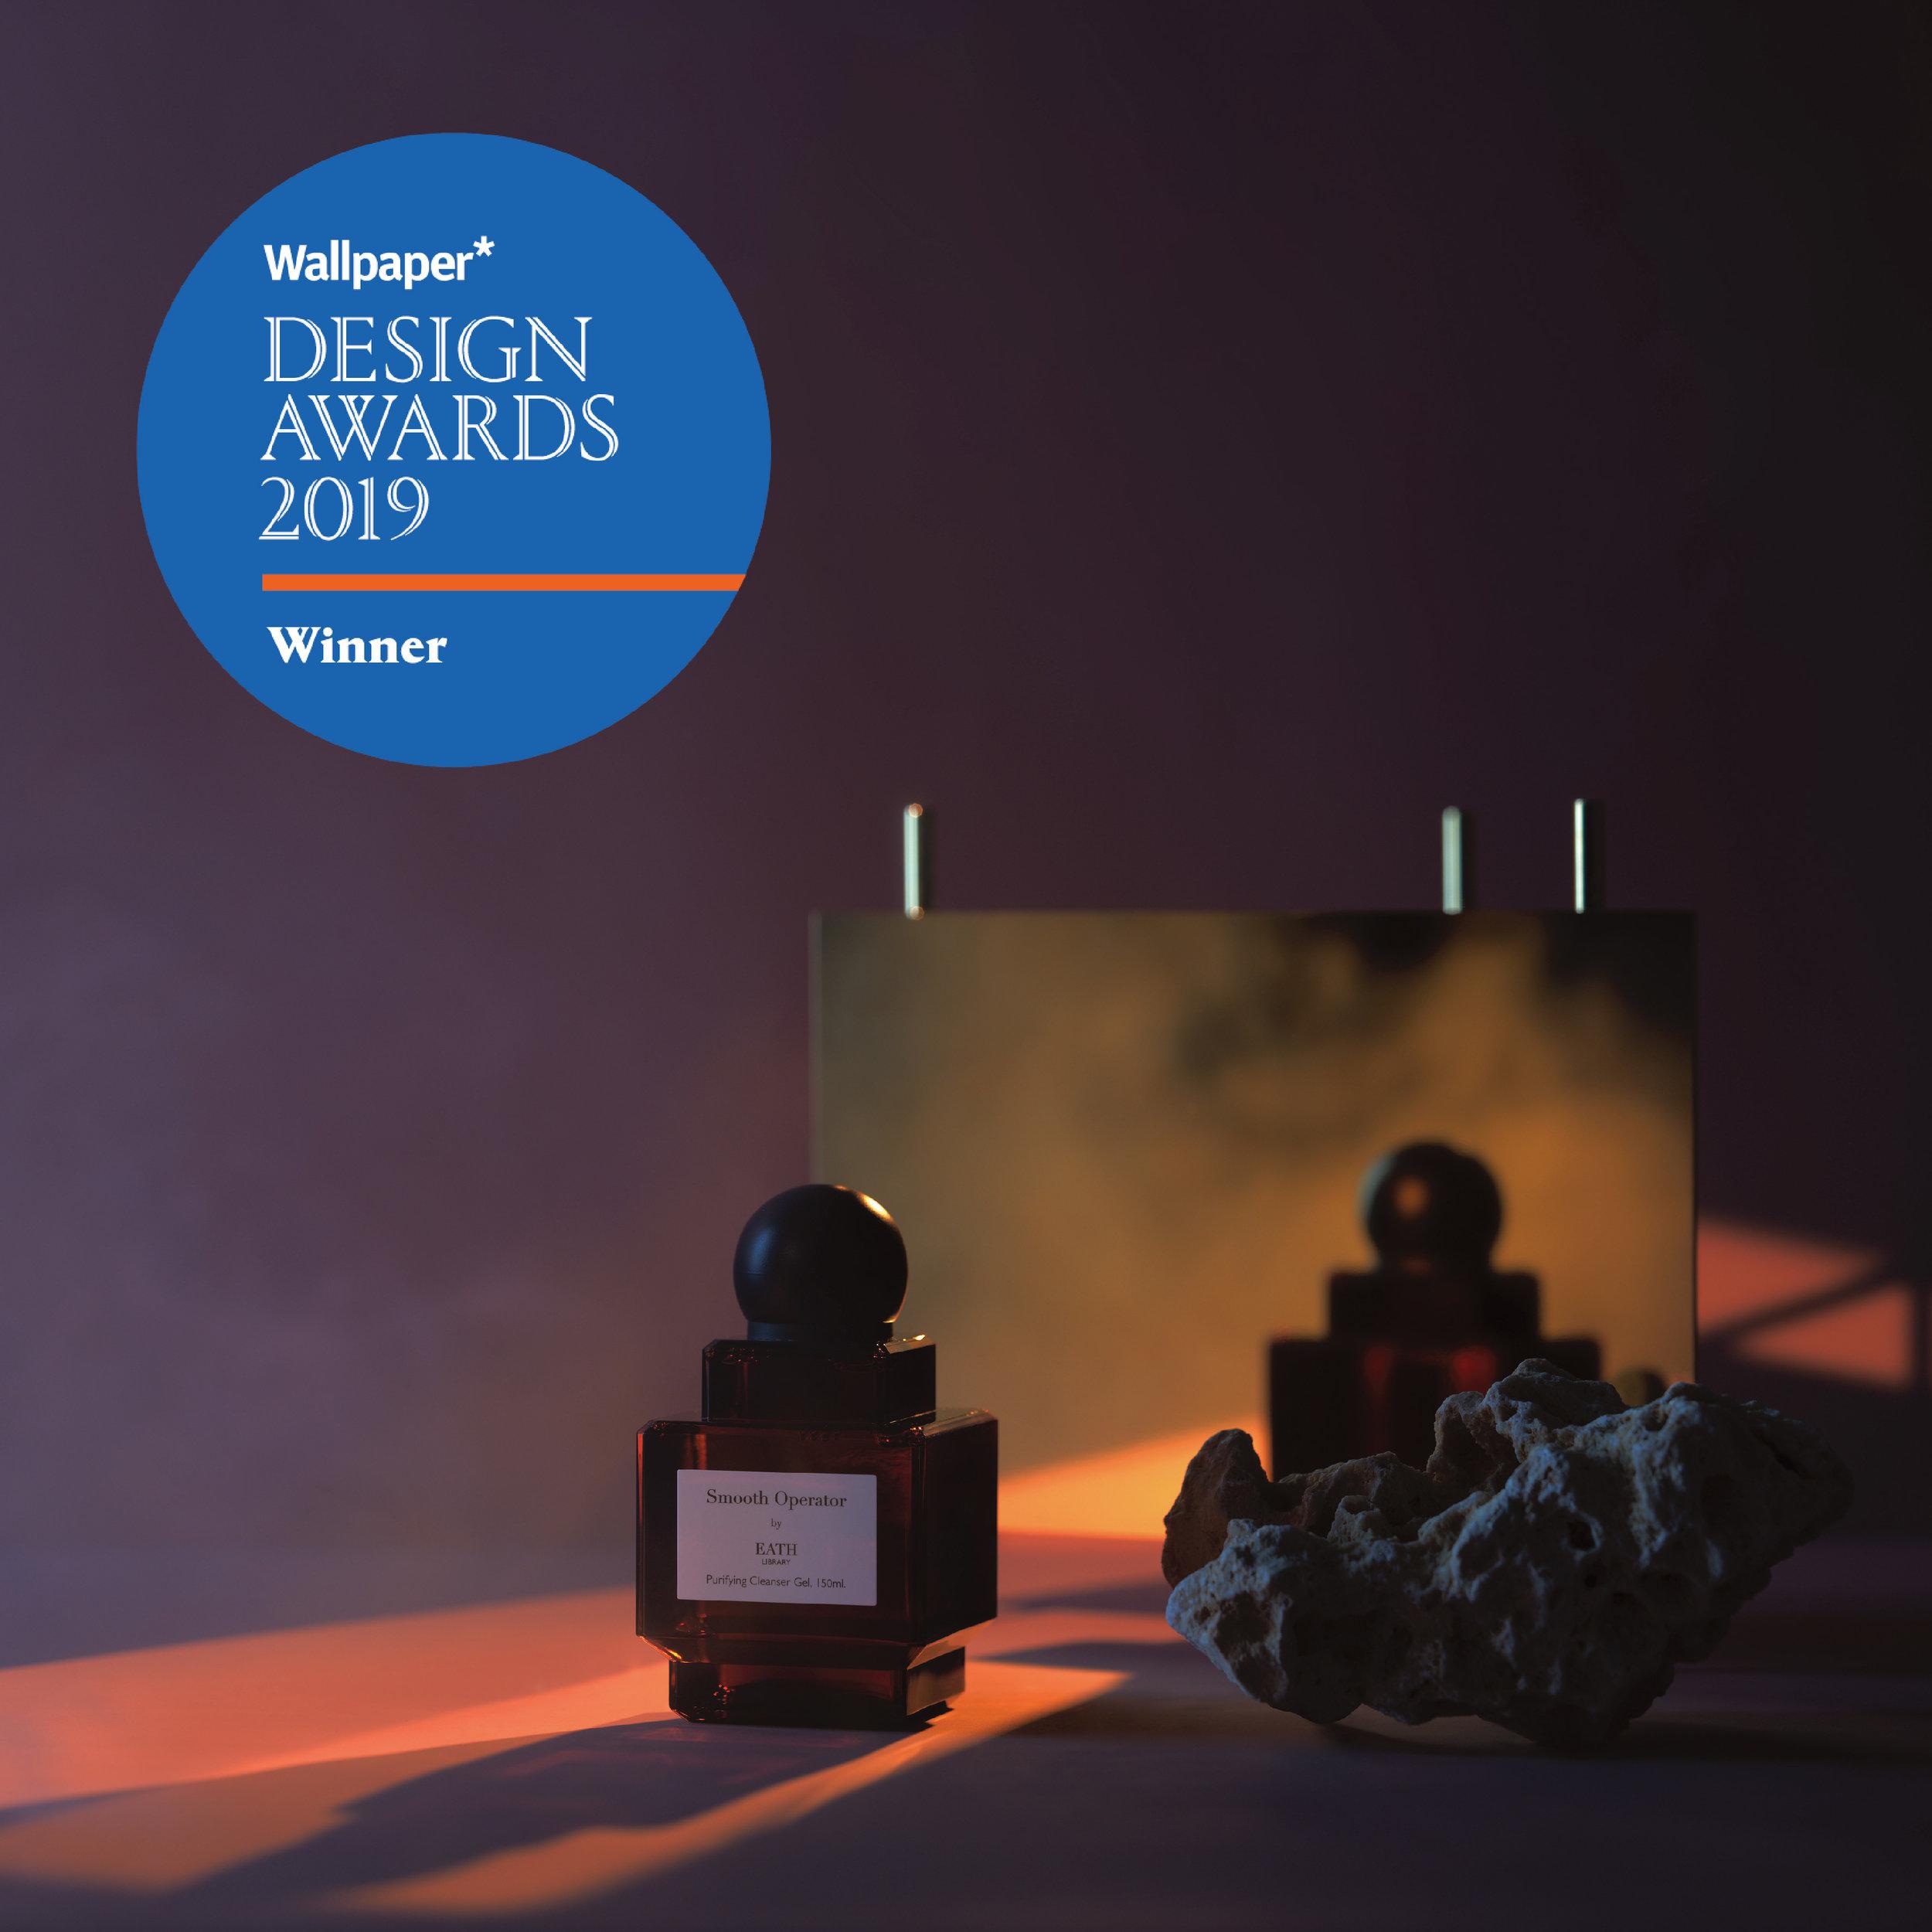 wallpaper design award_insta smaller badge-01.jpg